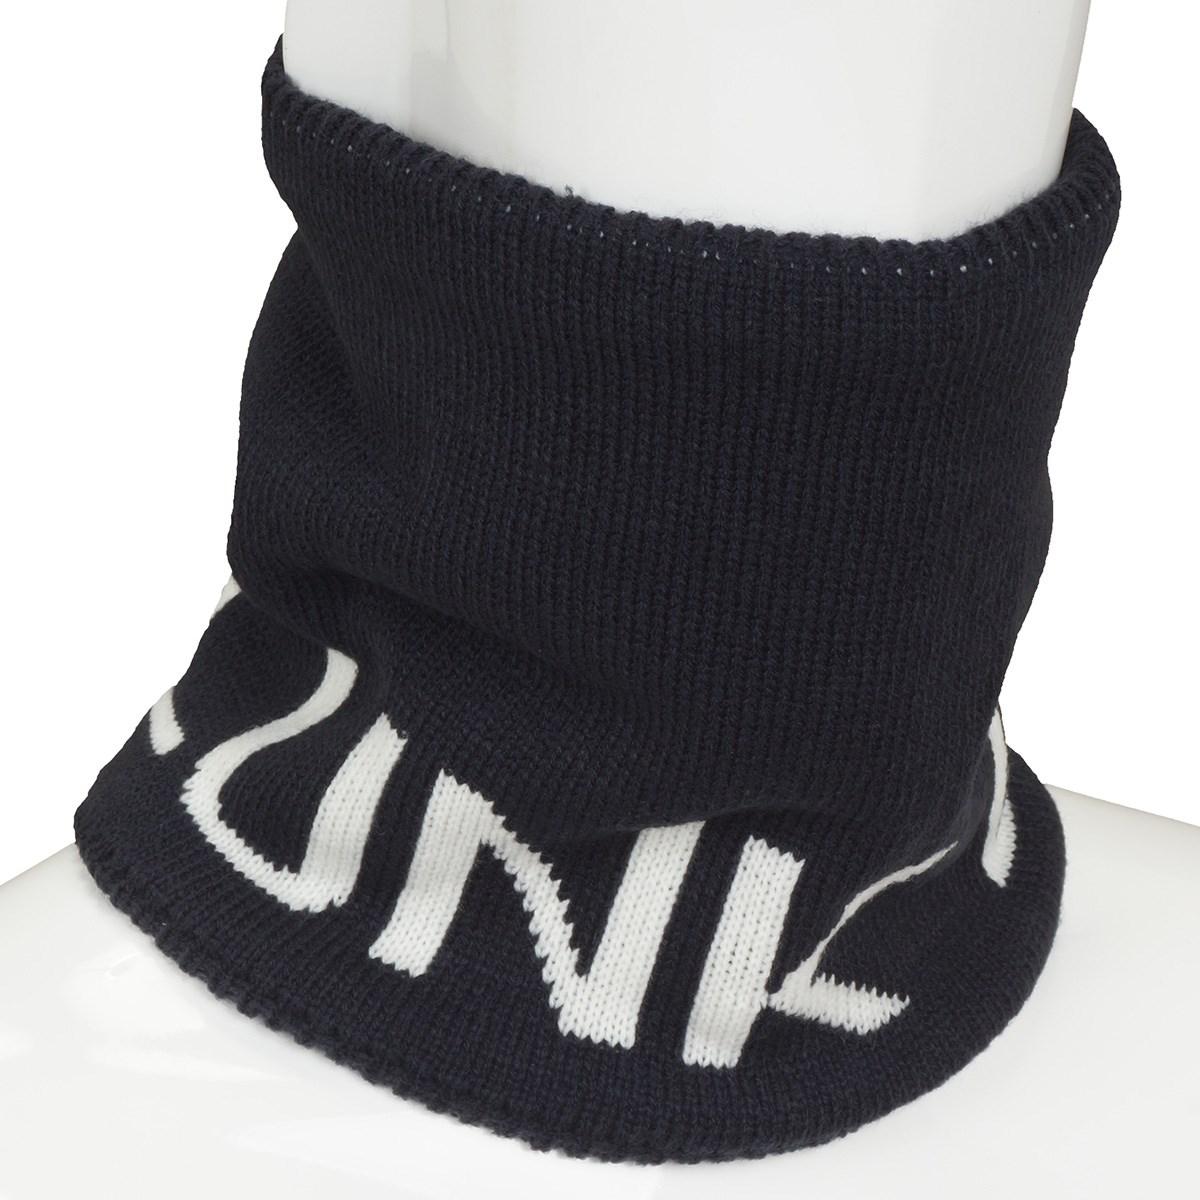 クランク(Clunk) ロゴネックウォーマー